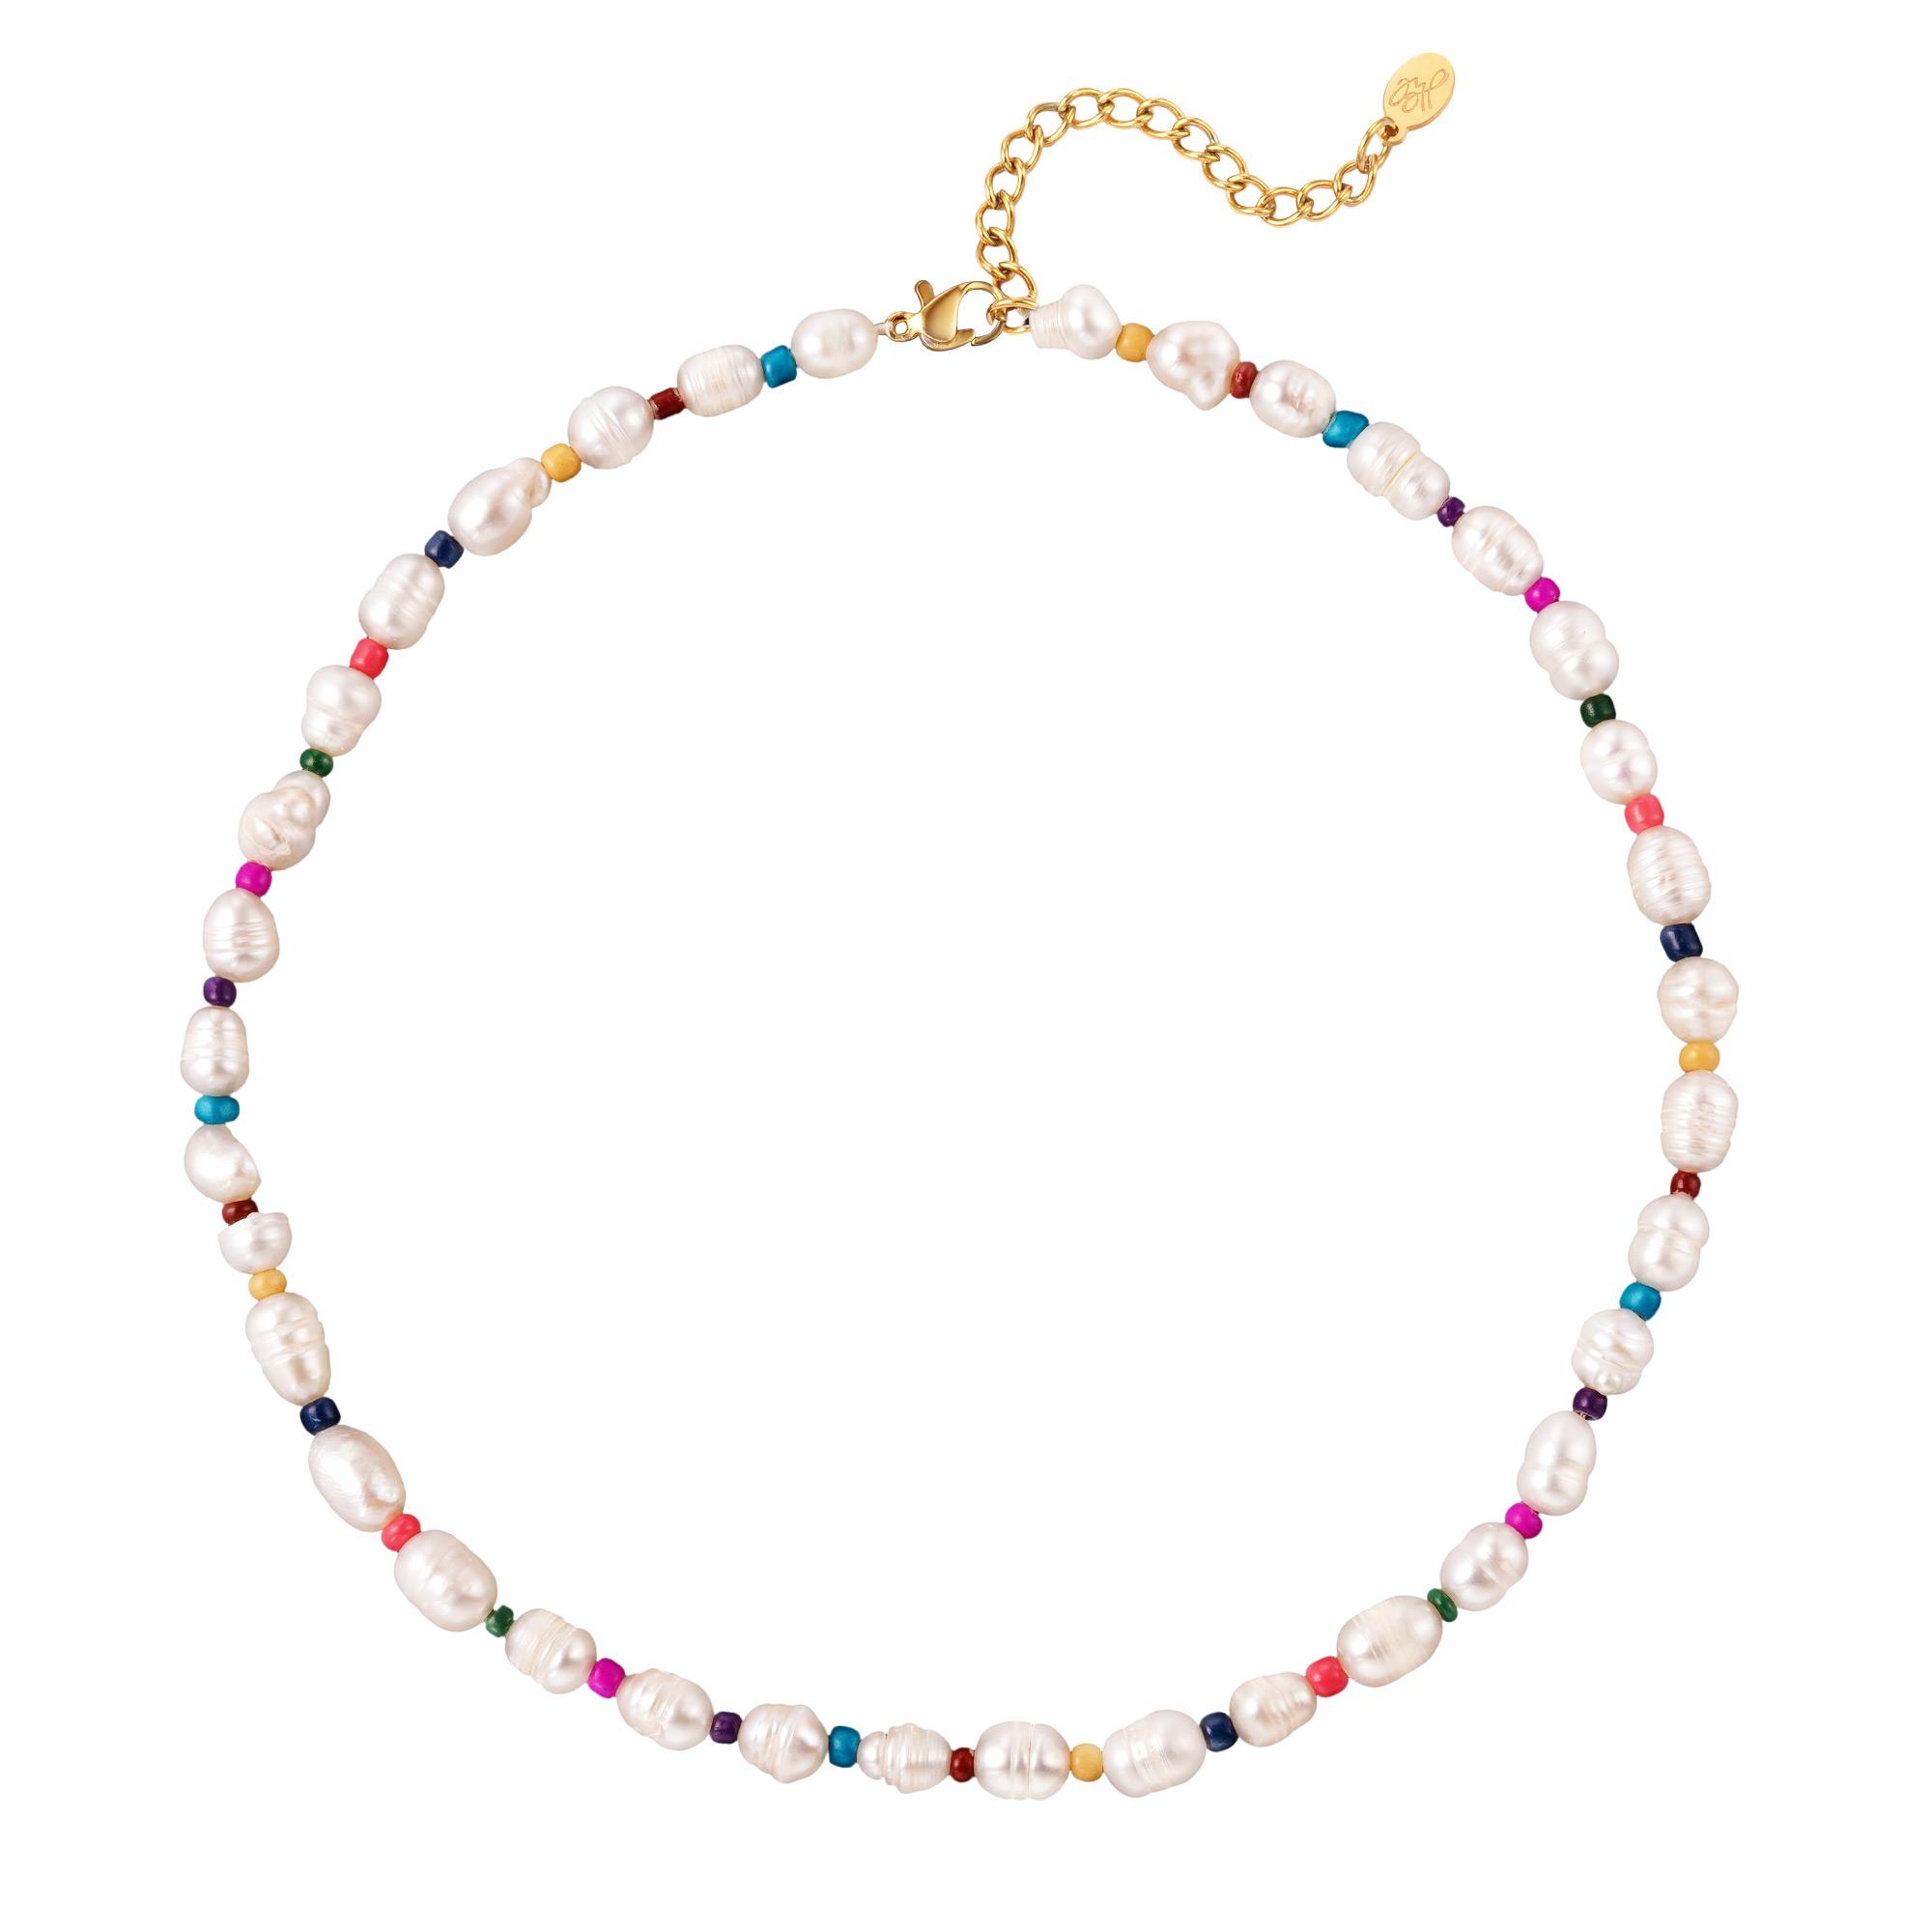 Collier perles et perles